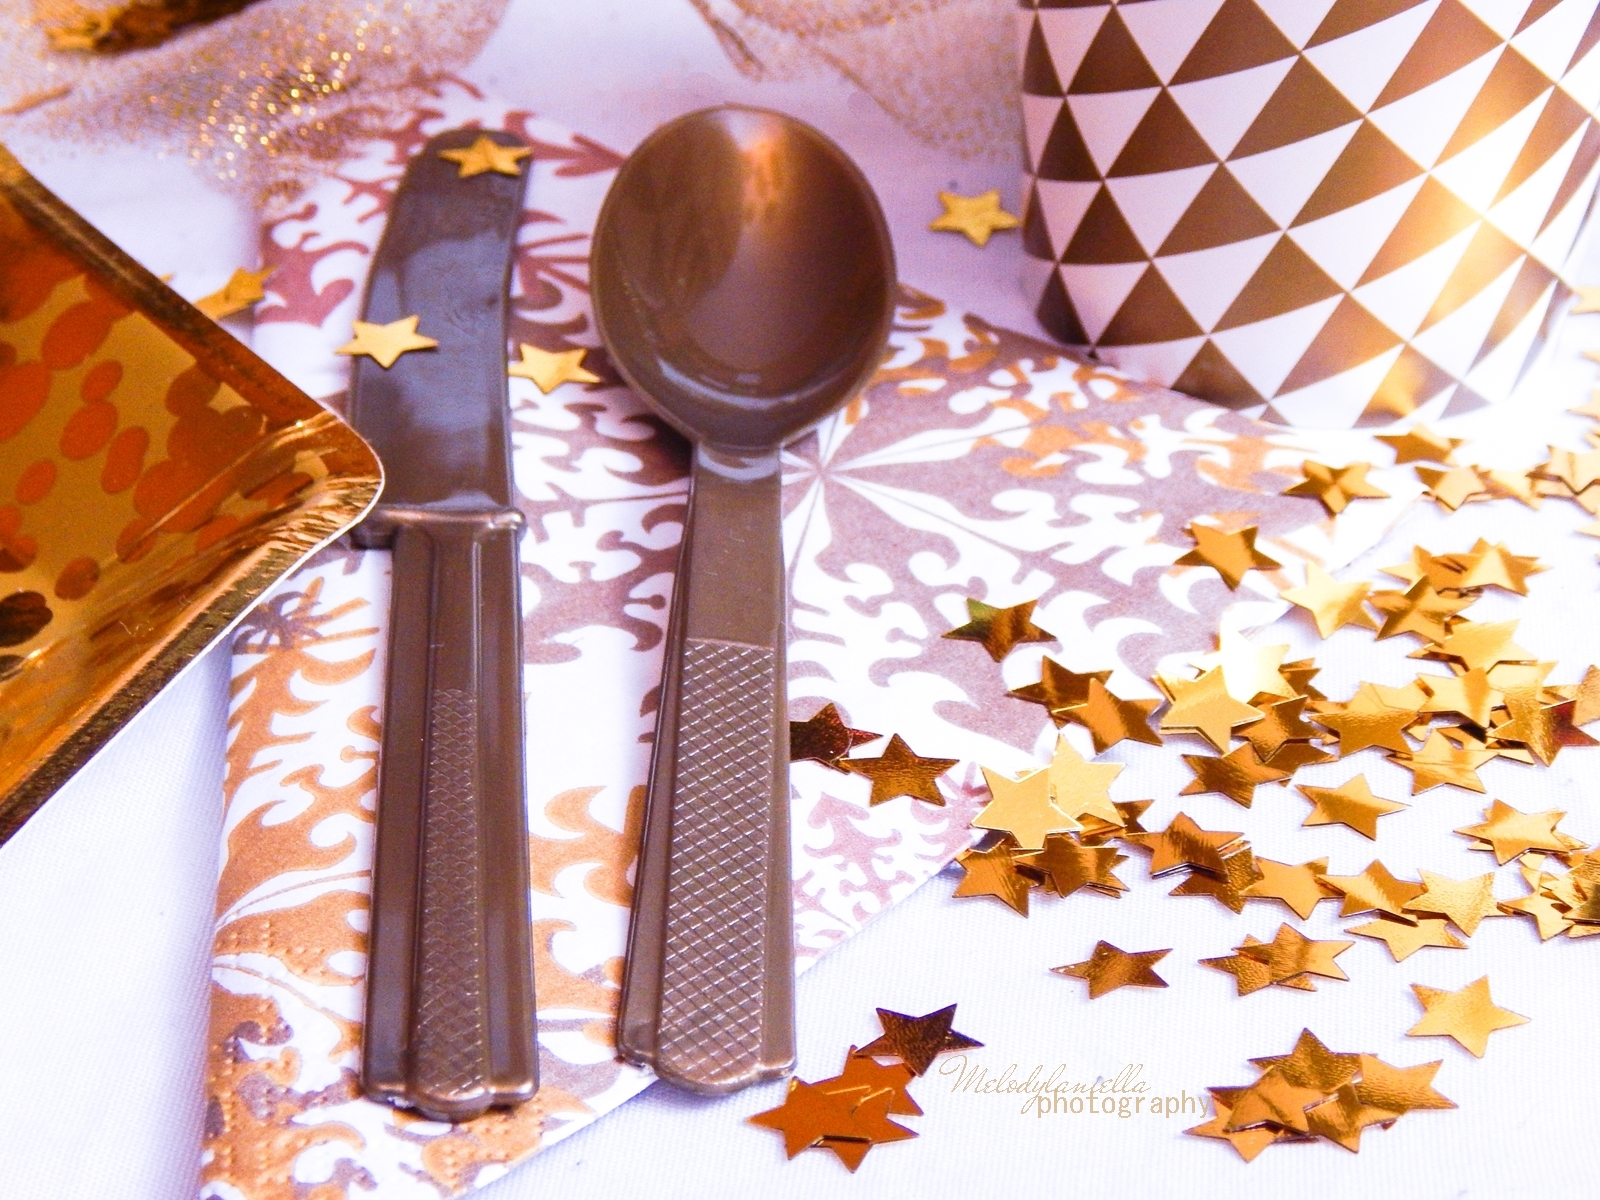 2 jak udekorować stół na imprezę dekoracja stołu karnawałowego świątecznego weselnego urodzinowego dekoracje dodatki partybox.pl partybox sklep z dodatkami na imprezy ciekawe gadżety